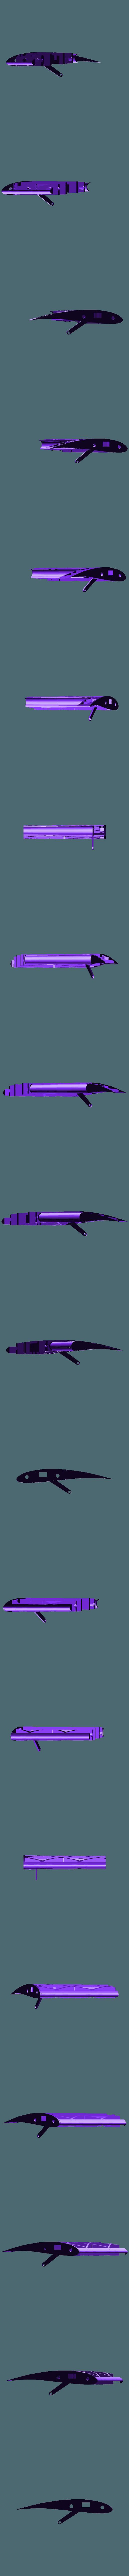 Wing_1L_Scaled.stl Télécharger fichier STL gratuit Module HF3D : Plan imprimé 3D • Modèle pour imprimante 3D, FurEter